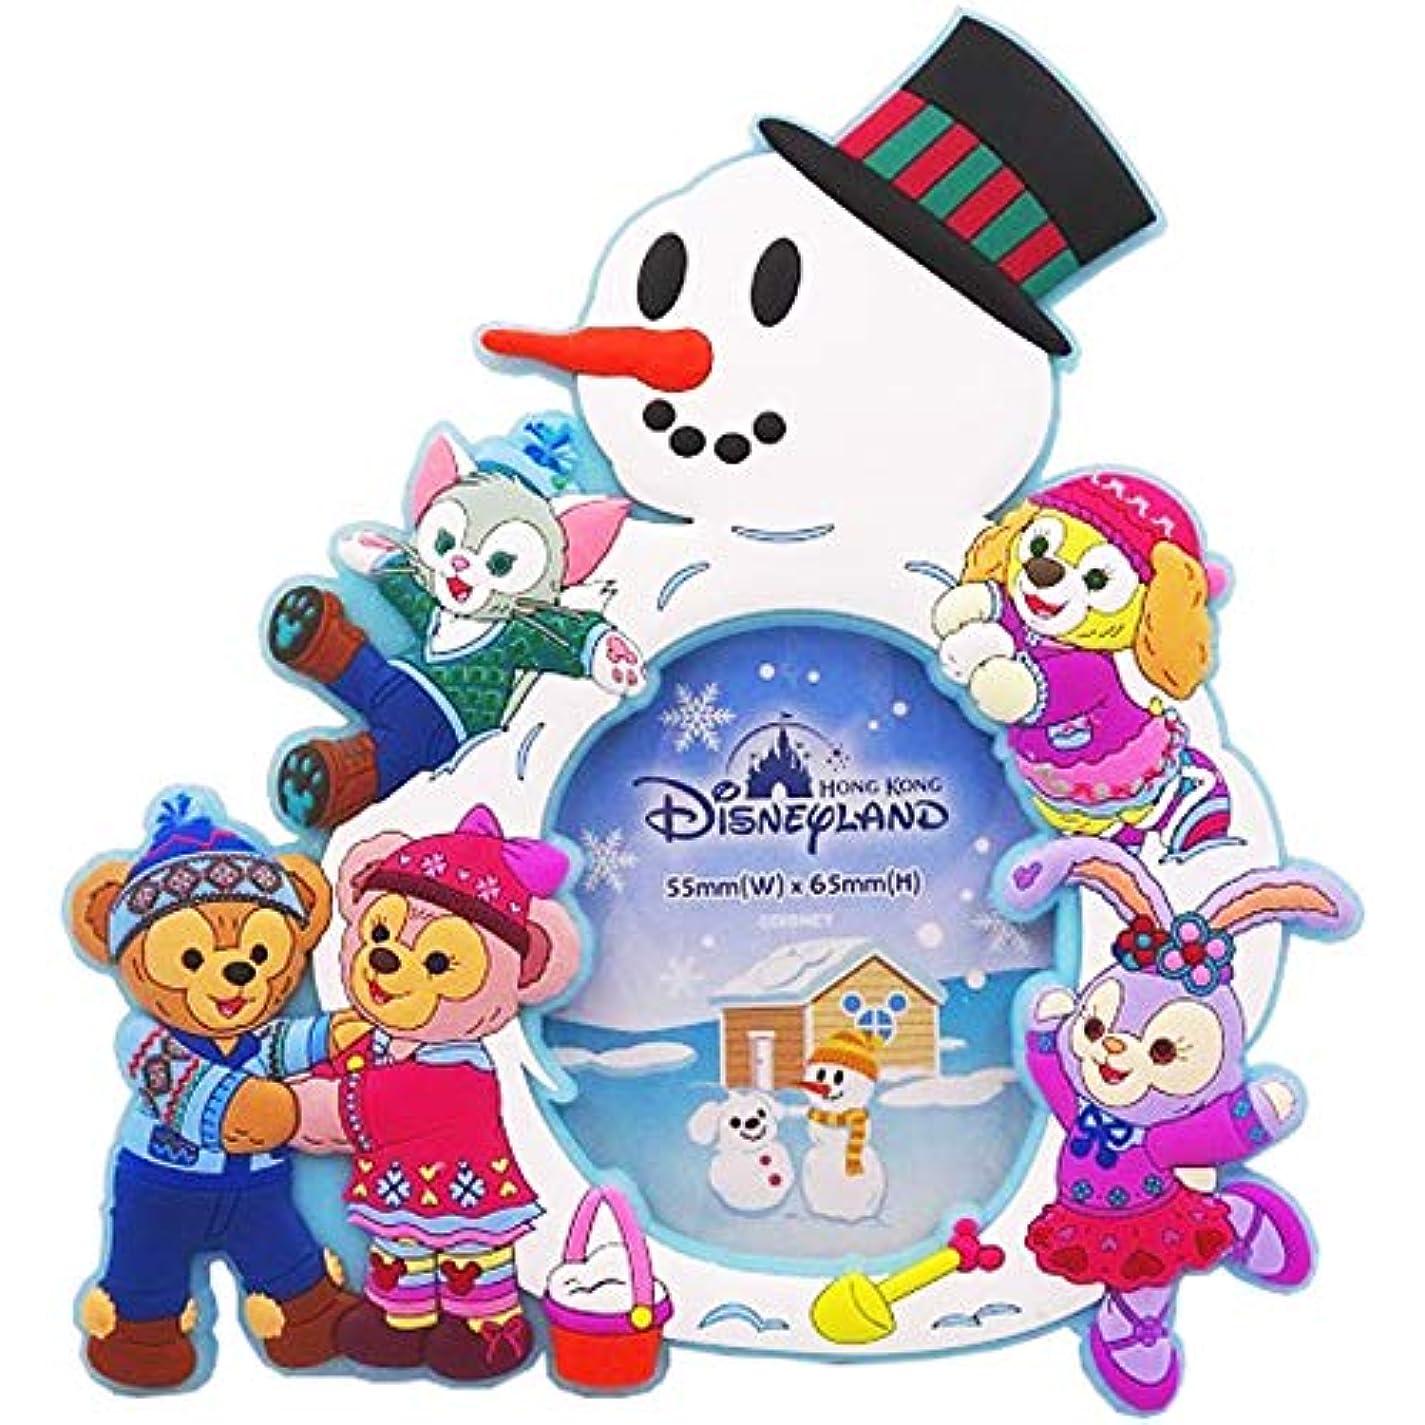 季節ウミウシ反論者《即日発送》【ディズニー】 Disney ダッフィー シェリーメイ ジェラトーニ ステラ?ルー クッキー フォトフレーム 写真立て 雪だるま 香港 HKDL 海外ディズニー限定